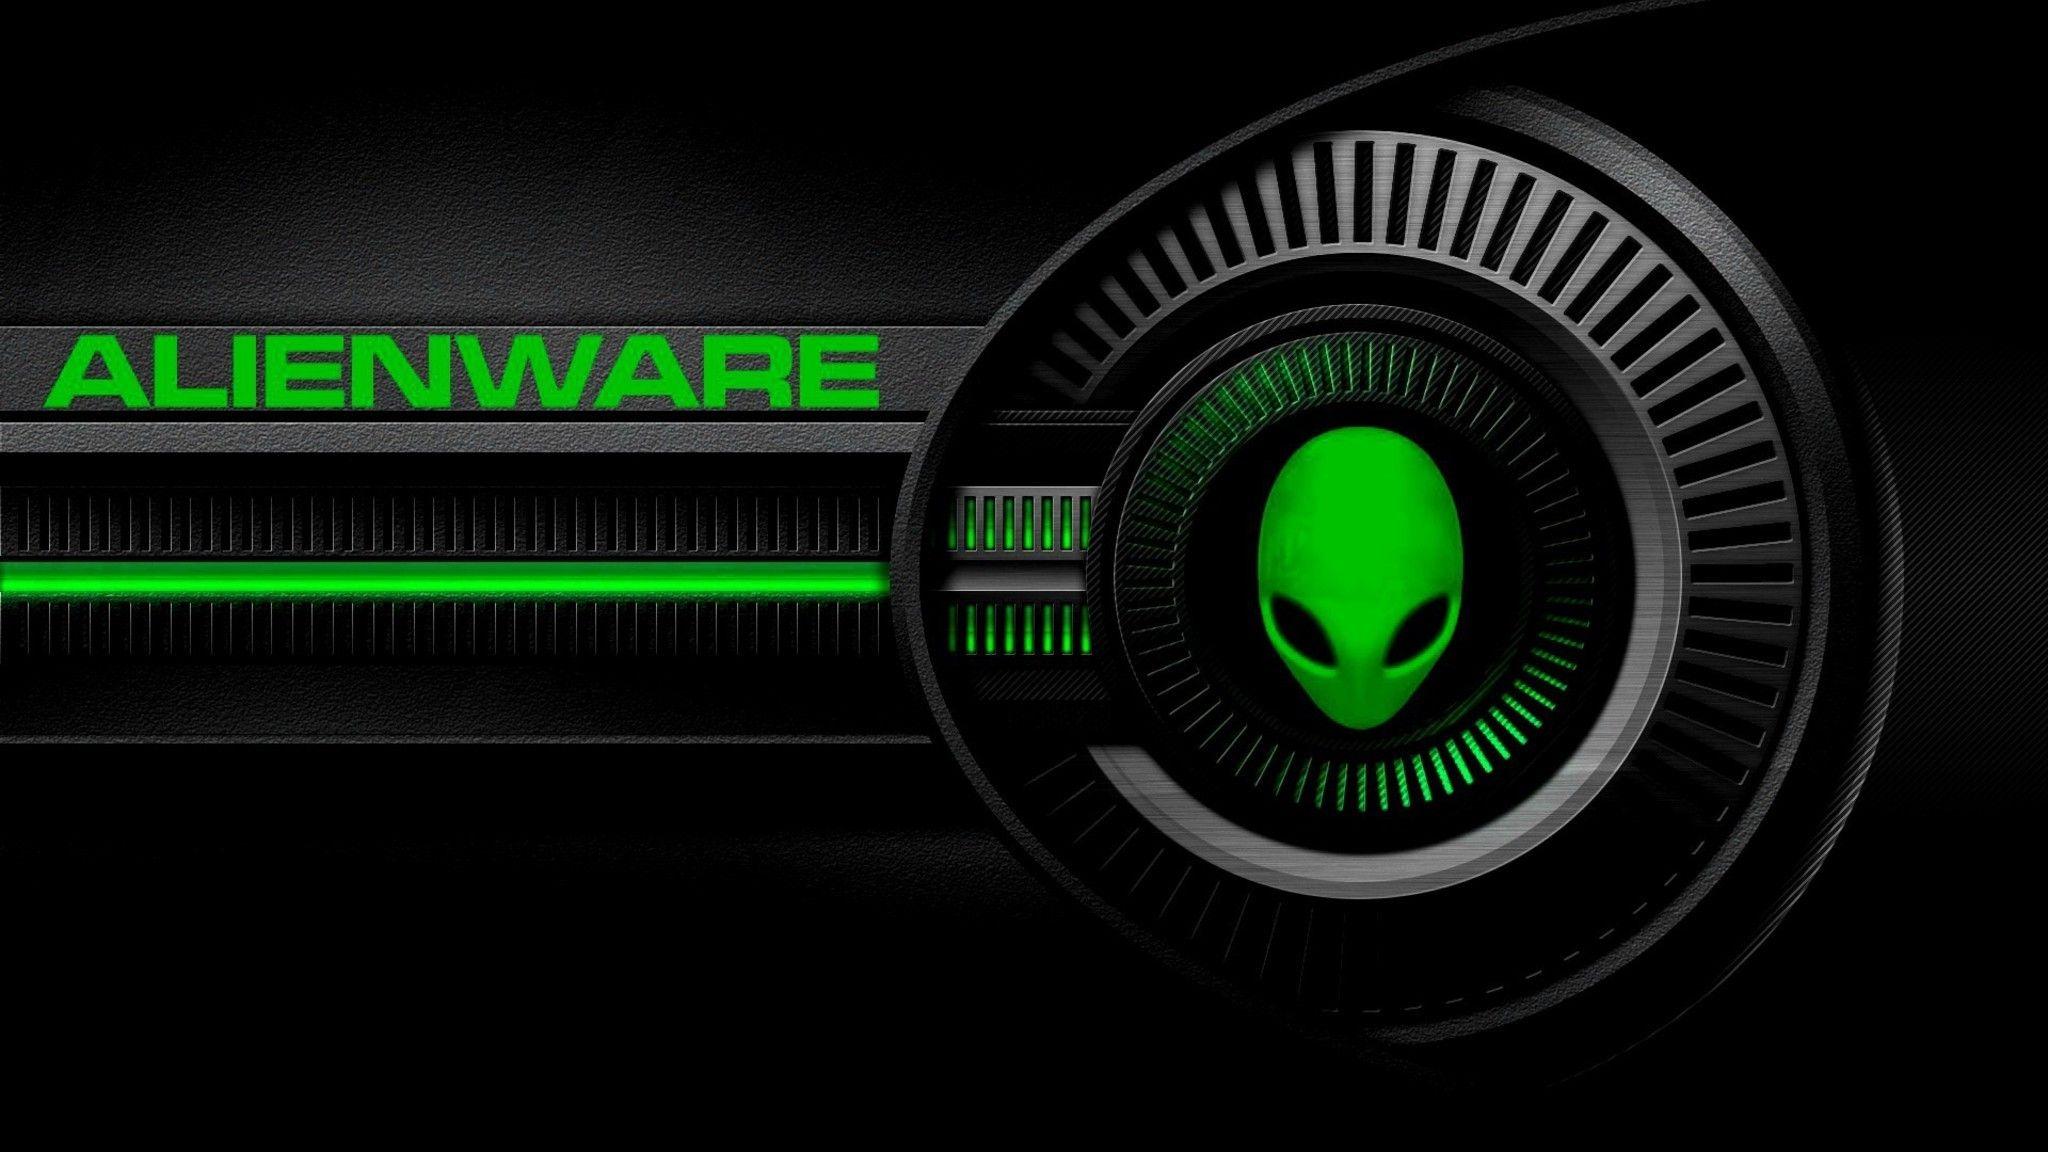 Res 2048x1152 Alienware 4k Hd Desktop Wallpaper For 4k Ultra Hd Tv Wide Future Wallpaper Abstract Iphone Wallpaper Alienware